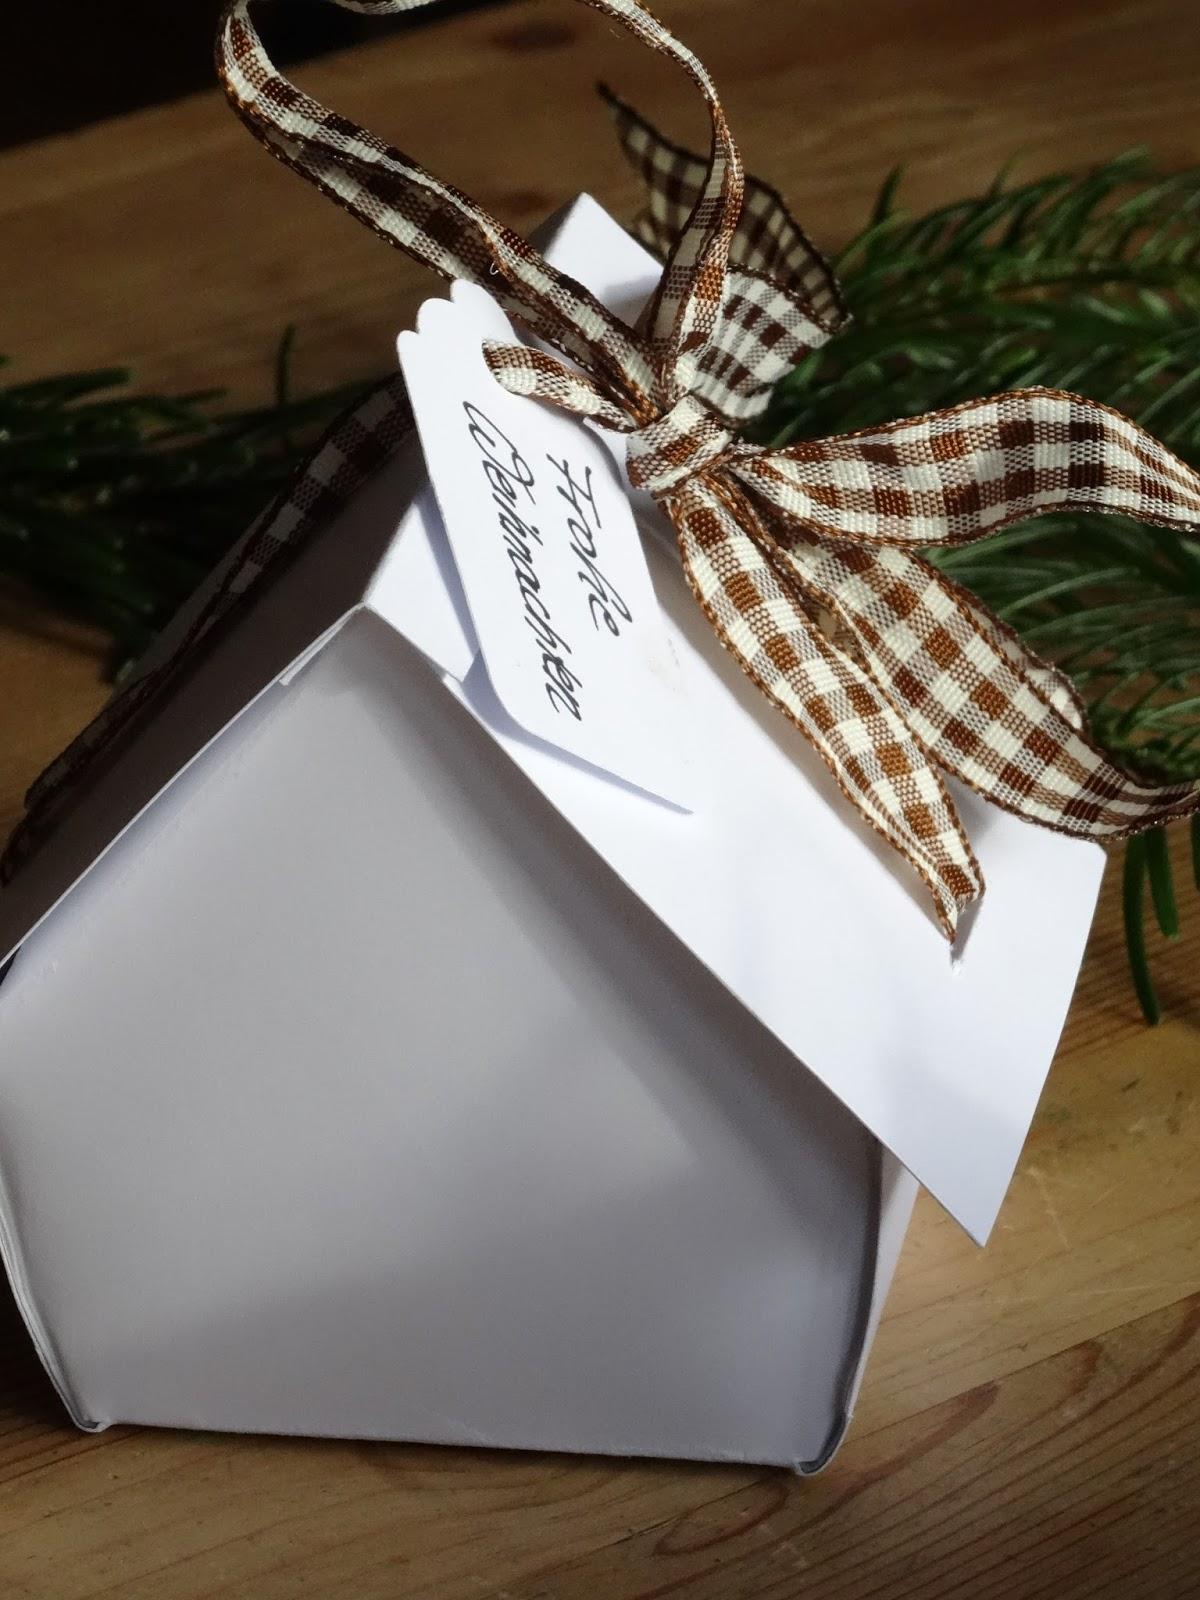 majamade basteln f r die weihnachtszeit teil 1 kleine. Black Bedroom Furniture Sets. Home Design Ideas